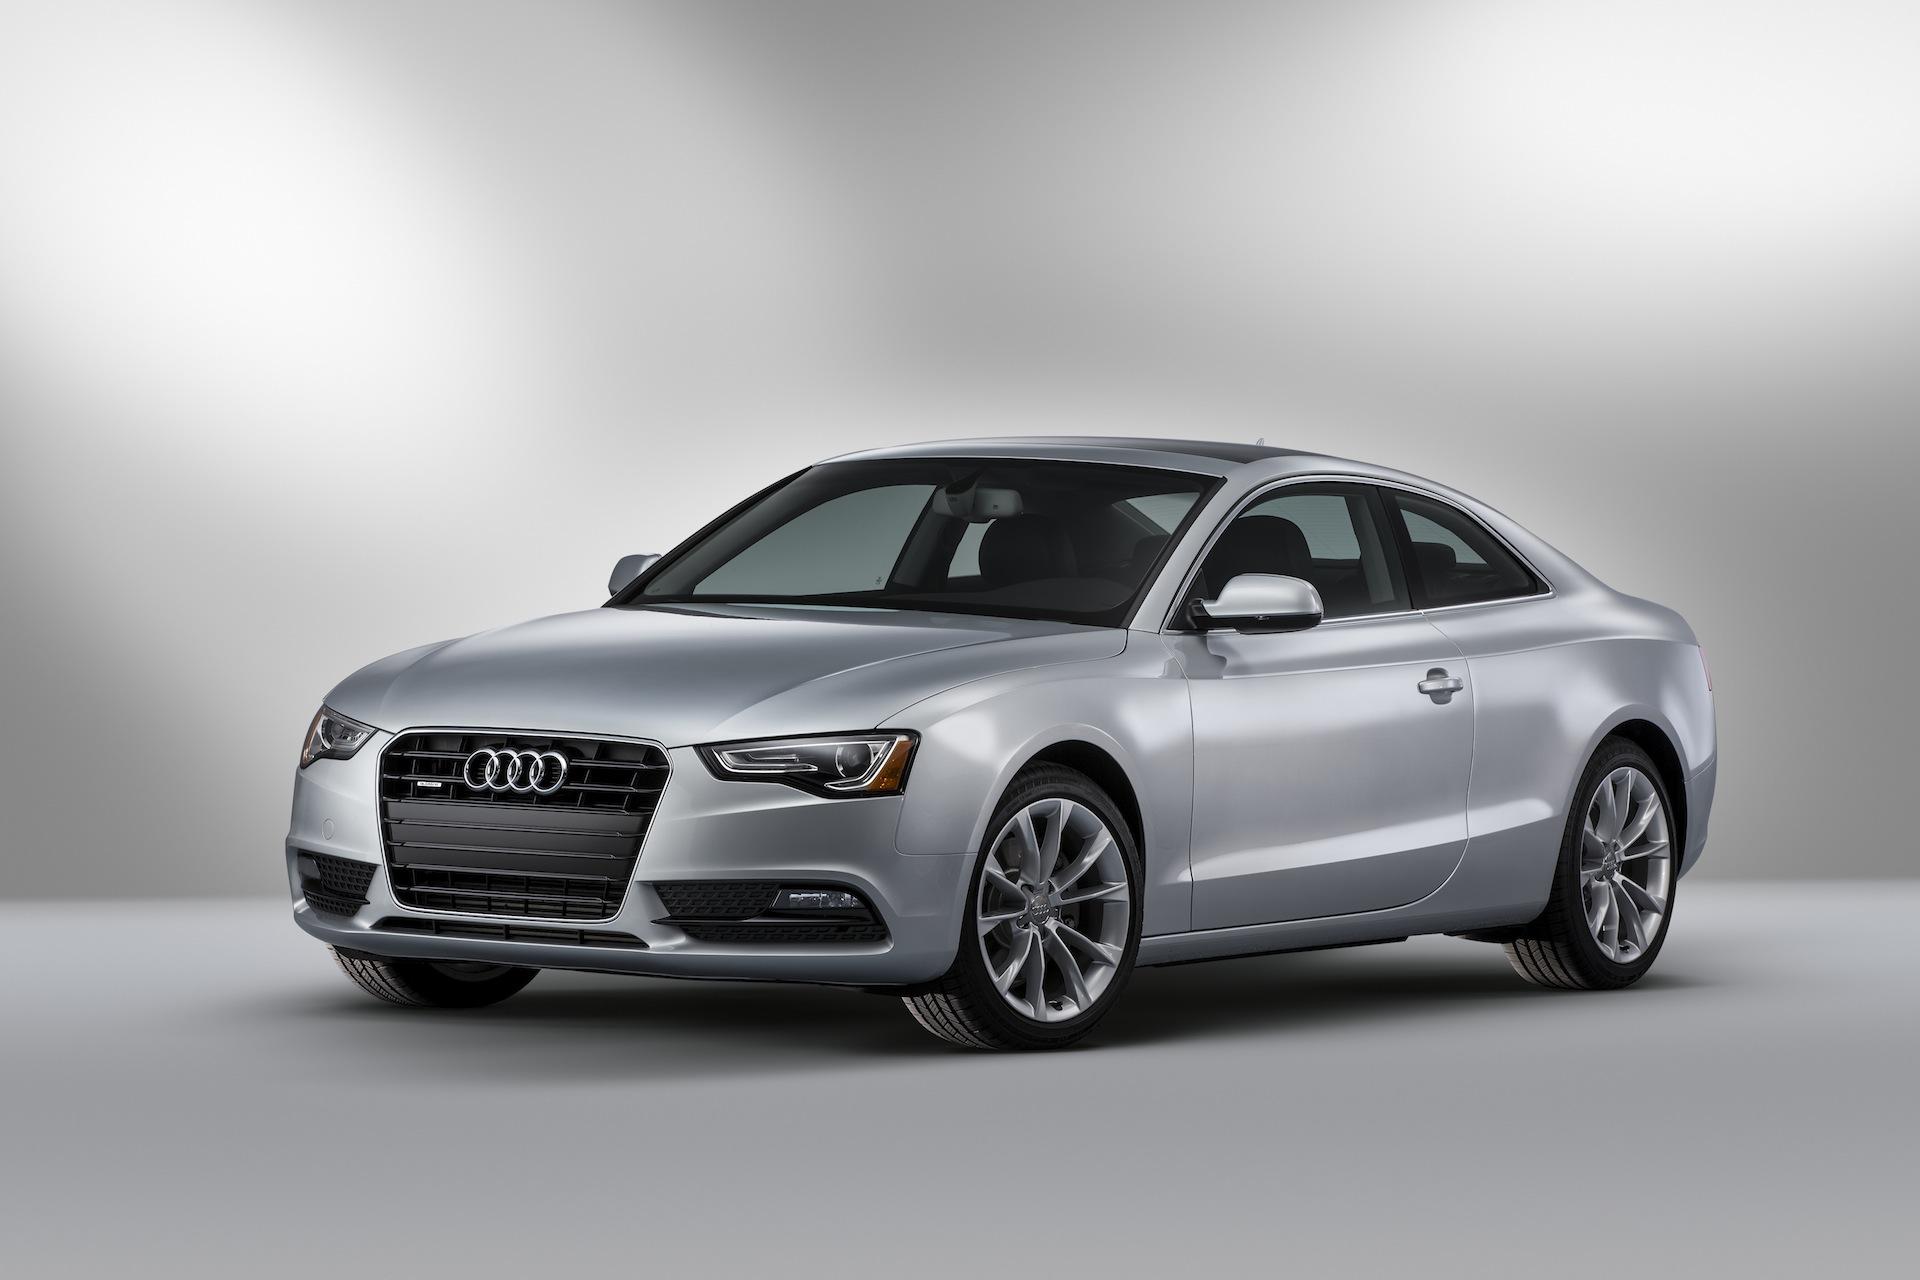 Kelebihan Audi S5 2014 Perbandingan Harga